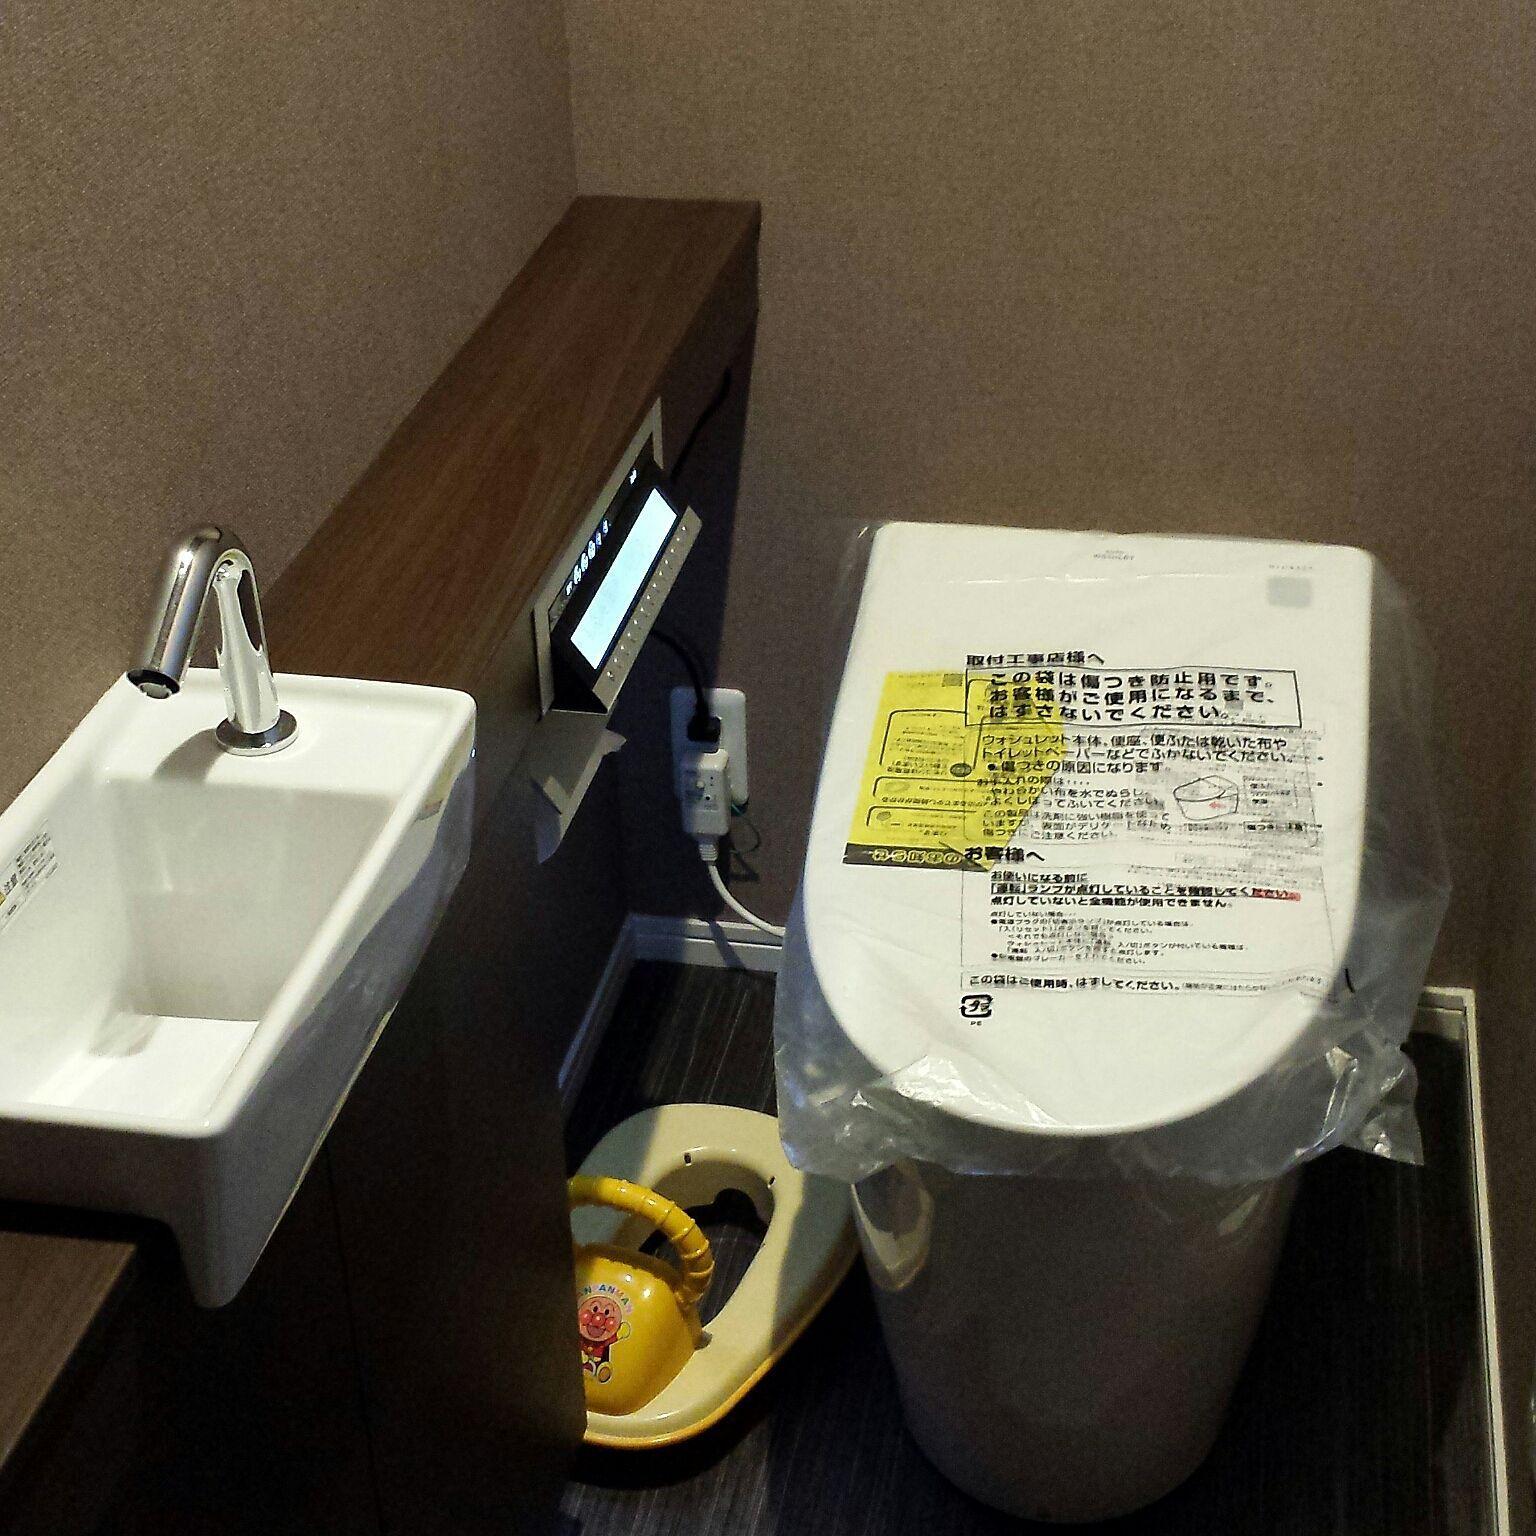 バス トイレ ネオレスト Toto手洗い器 自動水栓 ビルトインリモコンの